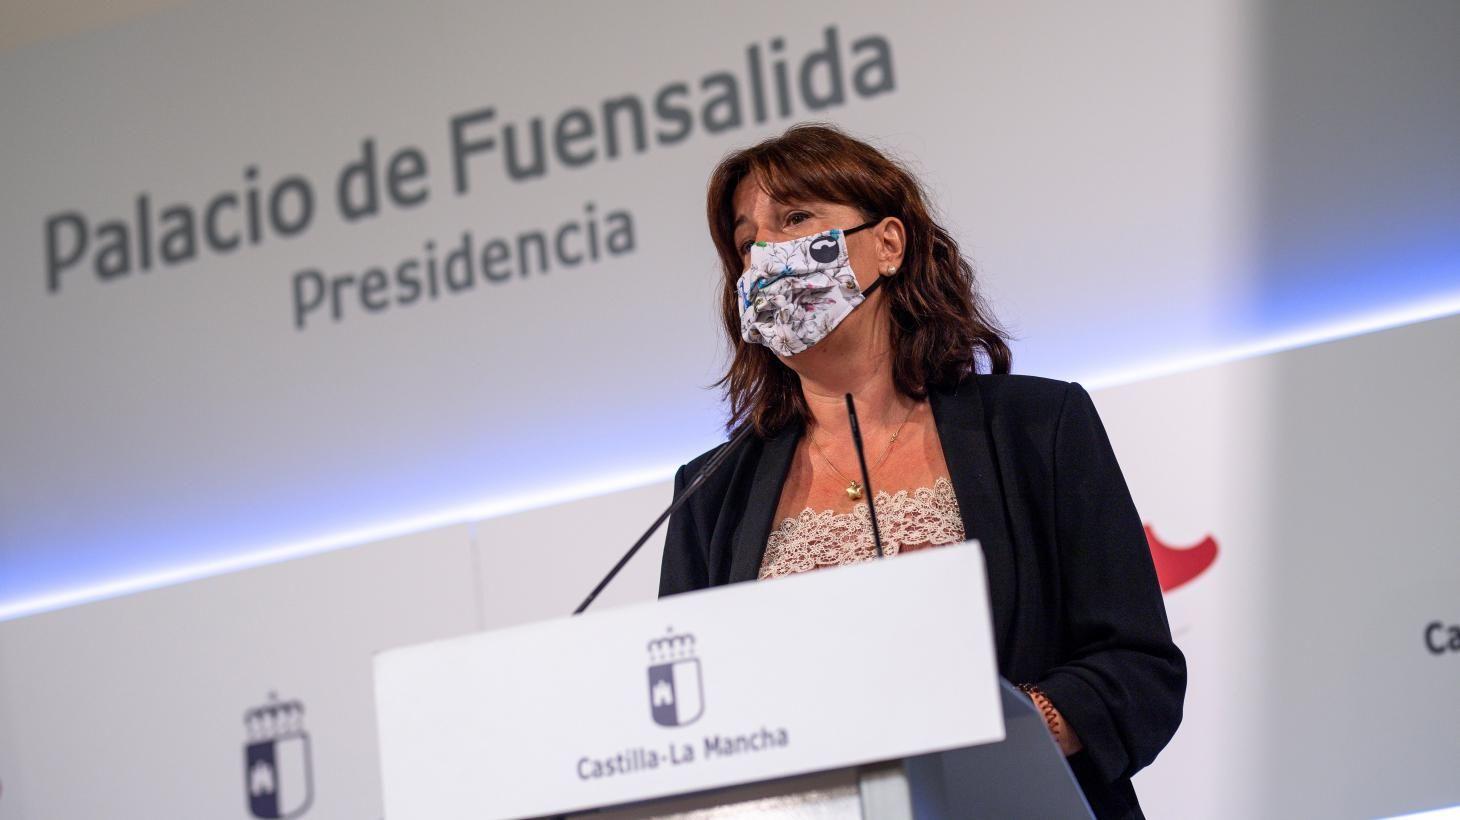 El Gobierno regional destina 28,6 millones de euros a centros de la mujer y recursos de acogida, la mayor partida presupuestaria de la década